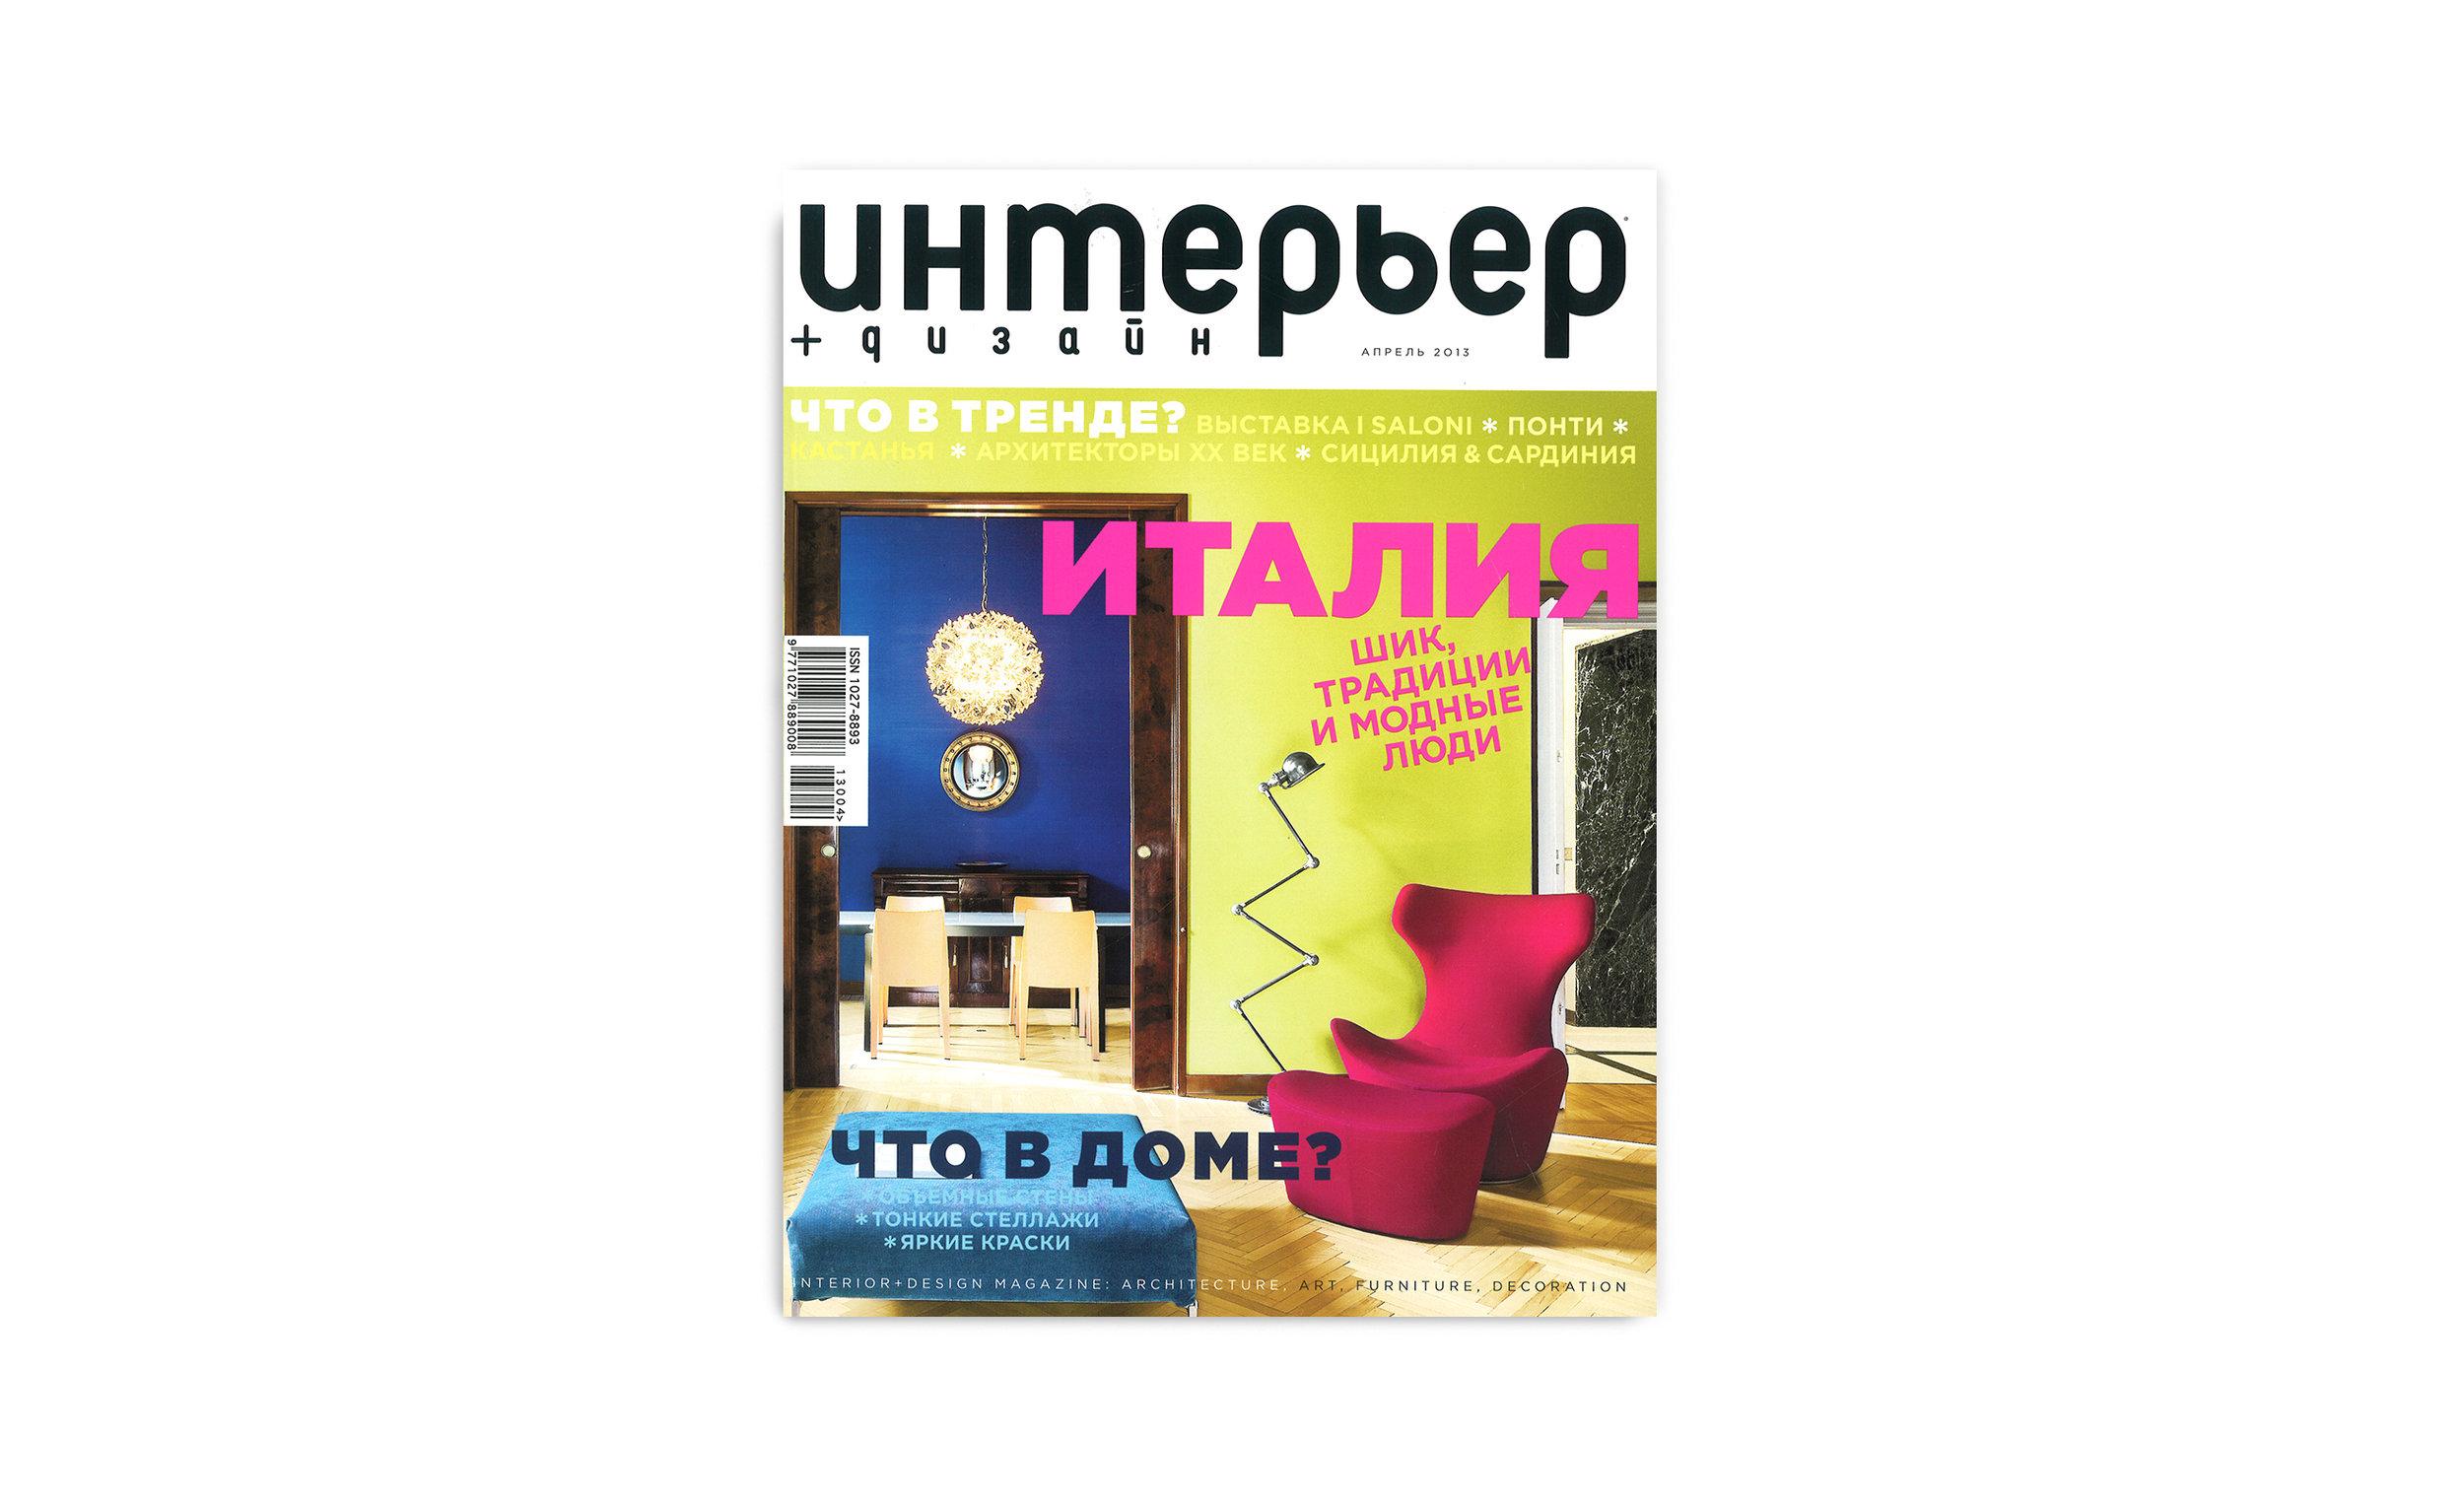 UHMEPBEP_COVER.jpg